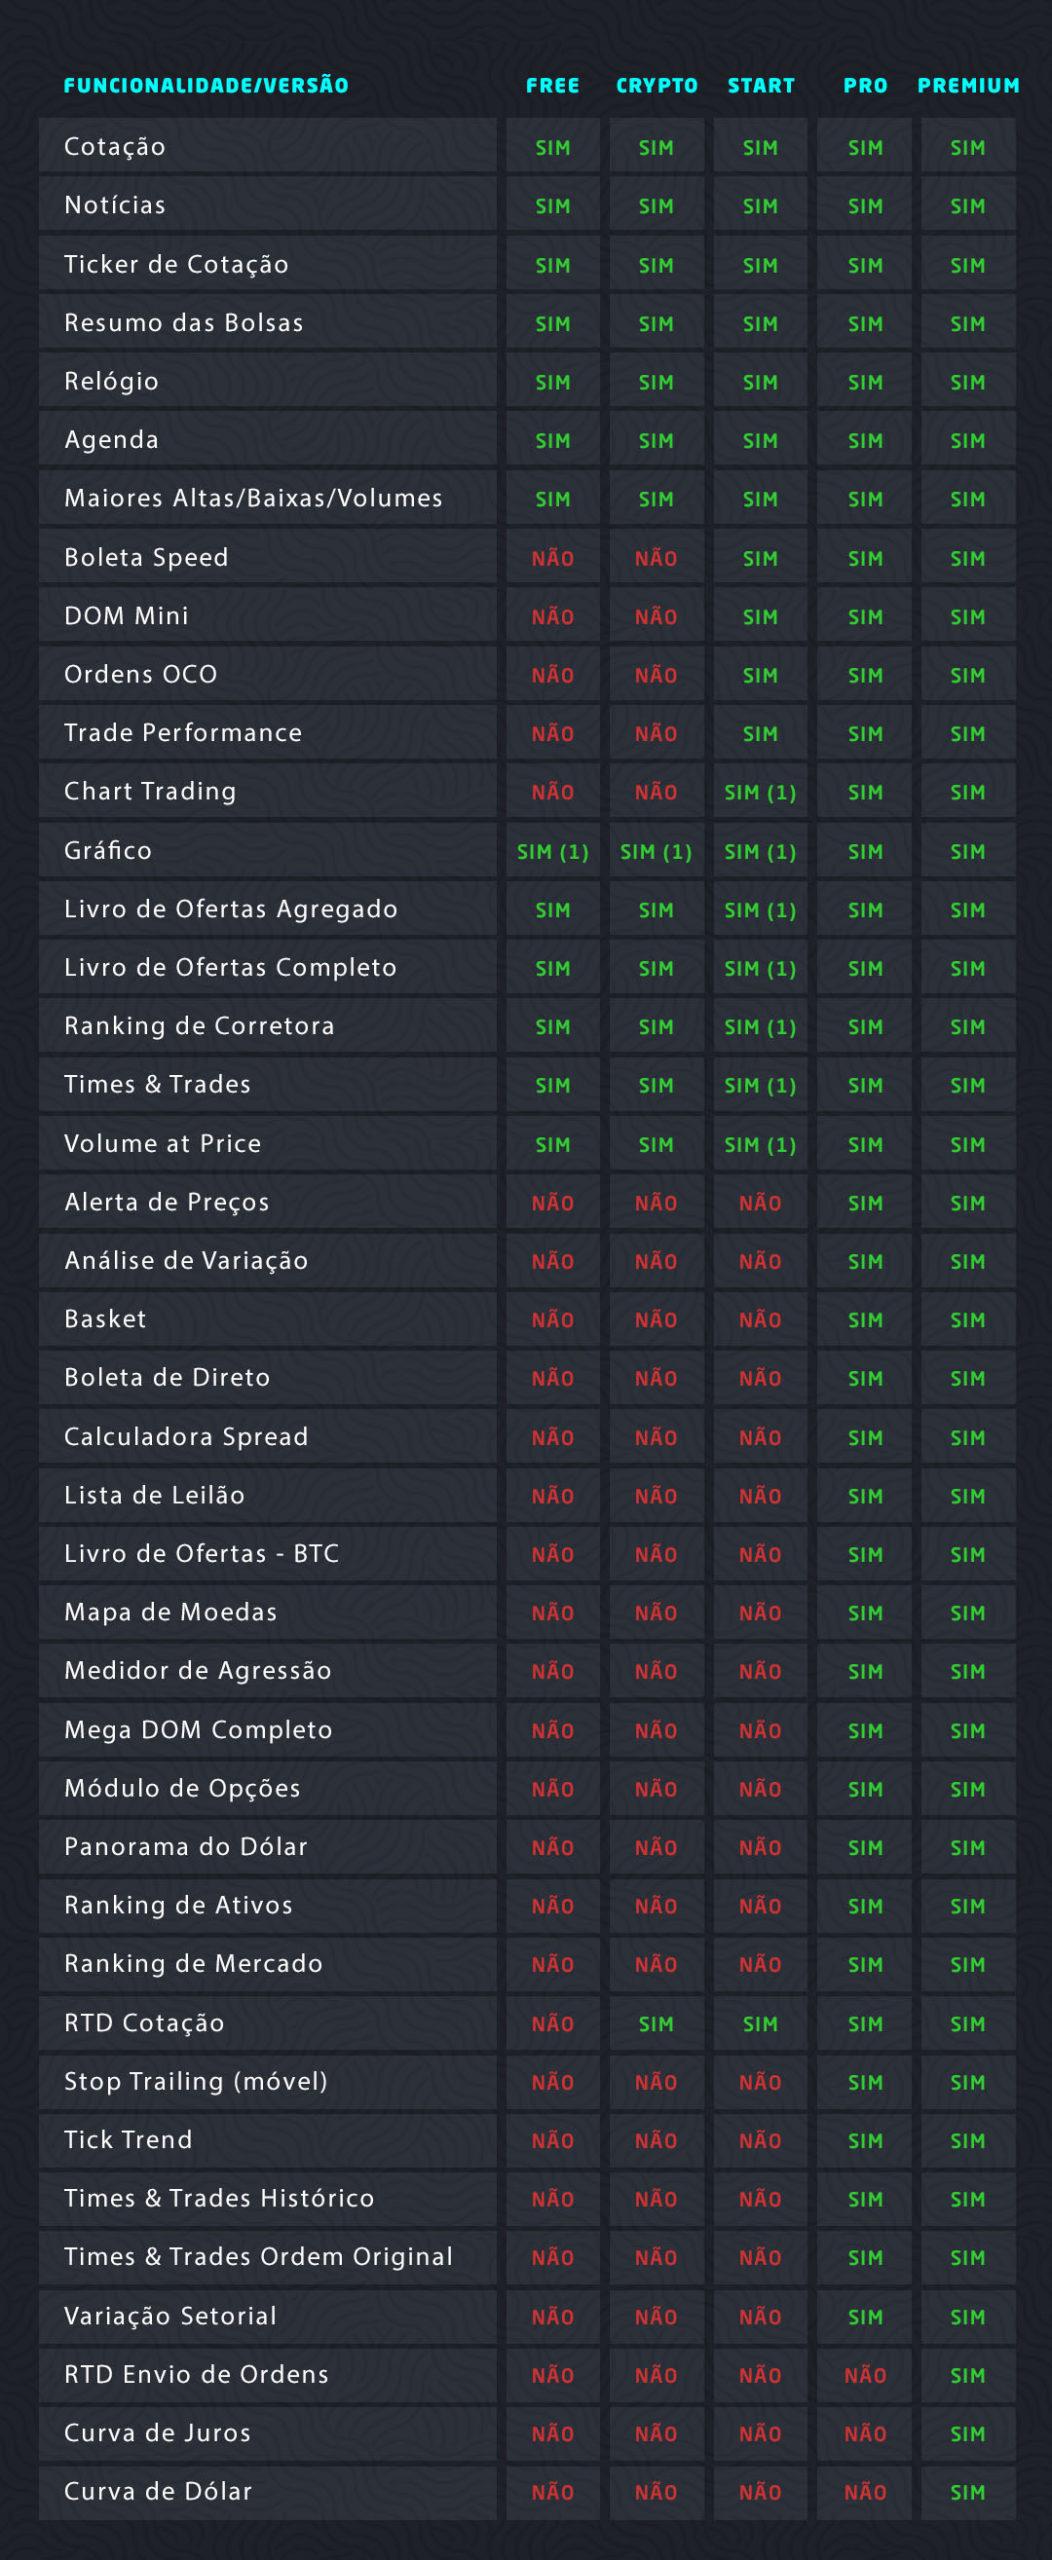 Fast_Trade_Funcionalidades_Tabela_Valor